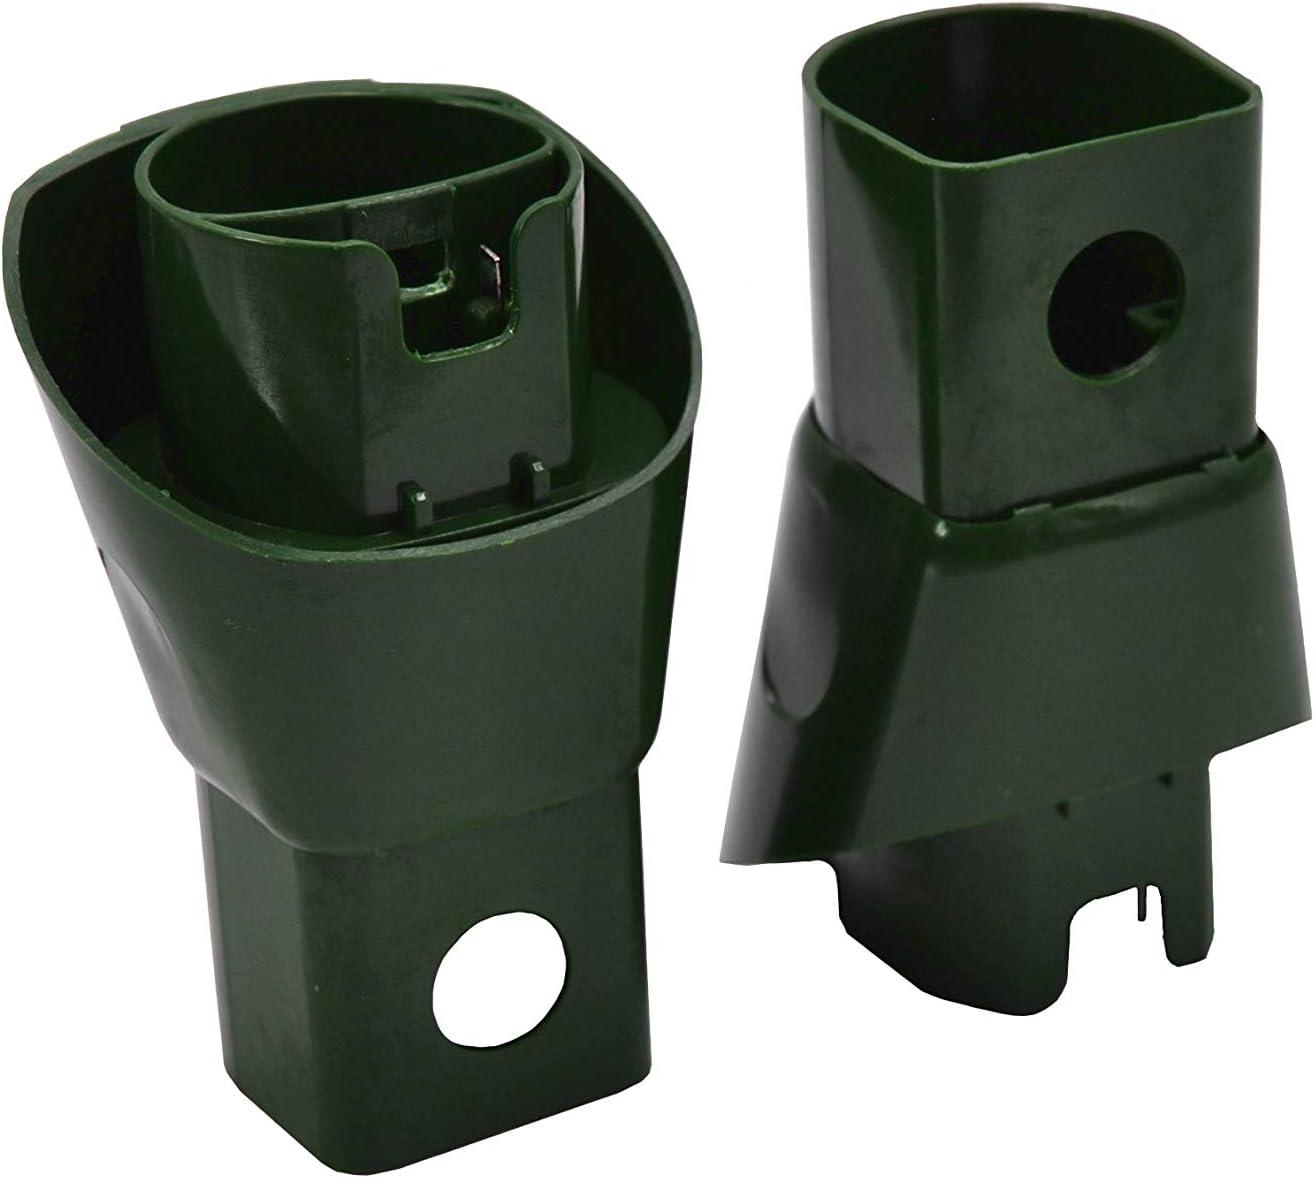 Vorwerk Elektrobürste EB 351 F Ovalanschluss für VK 130,131,135,136,140